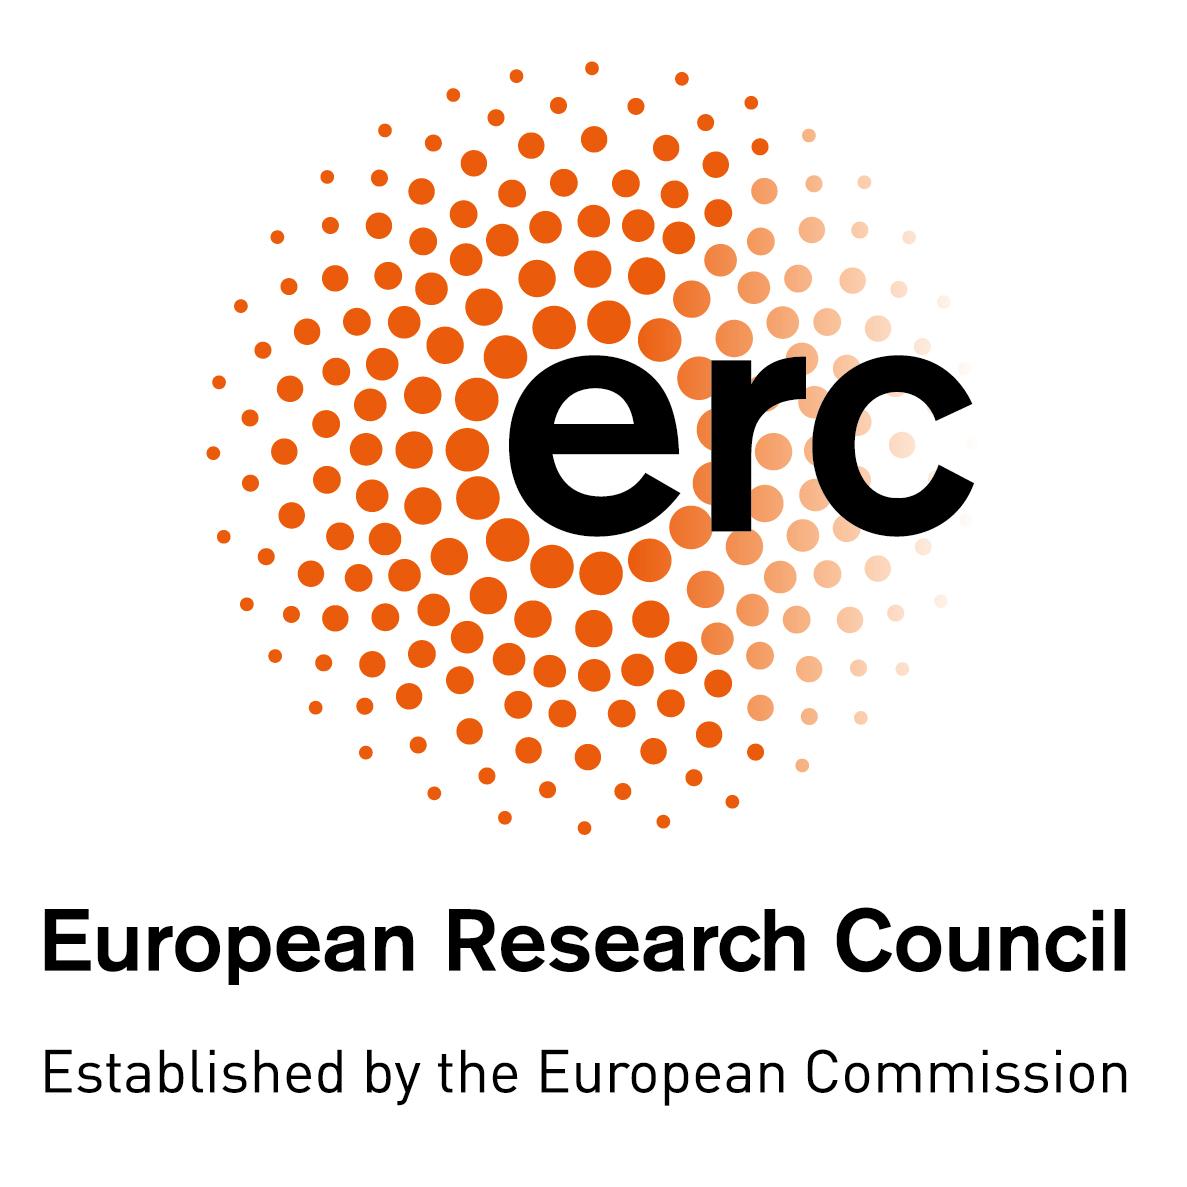 Logo of European Research Council